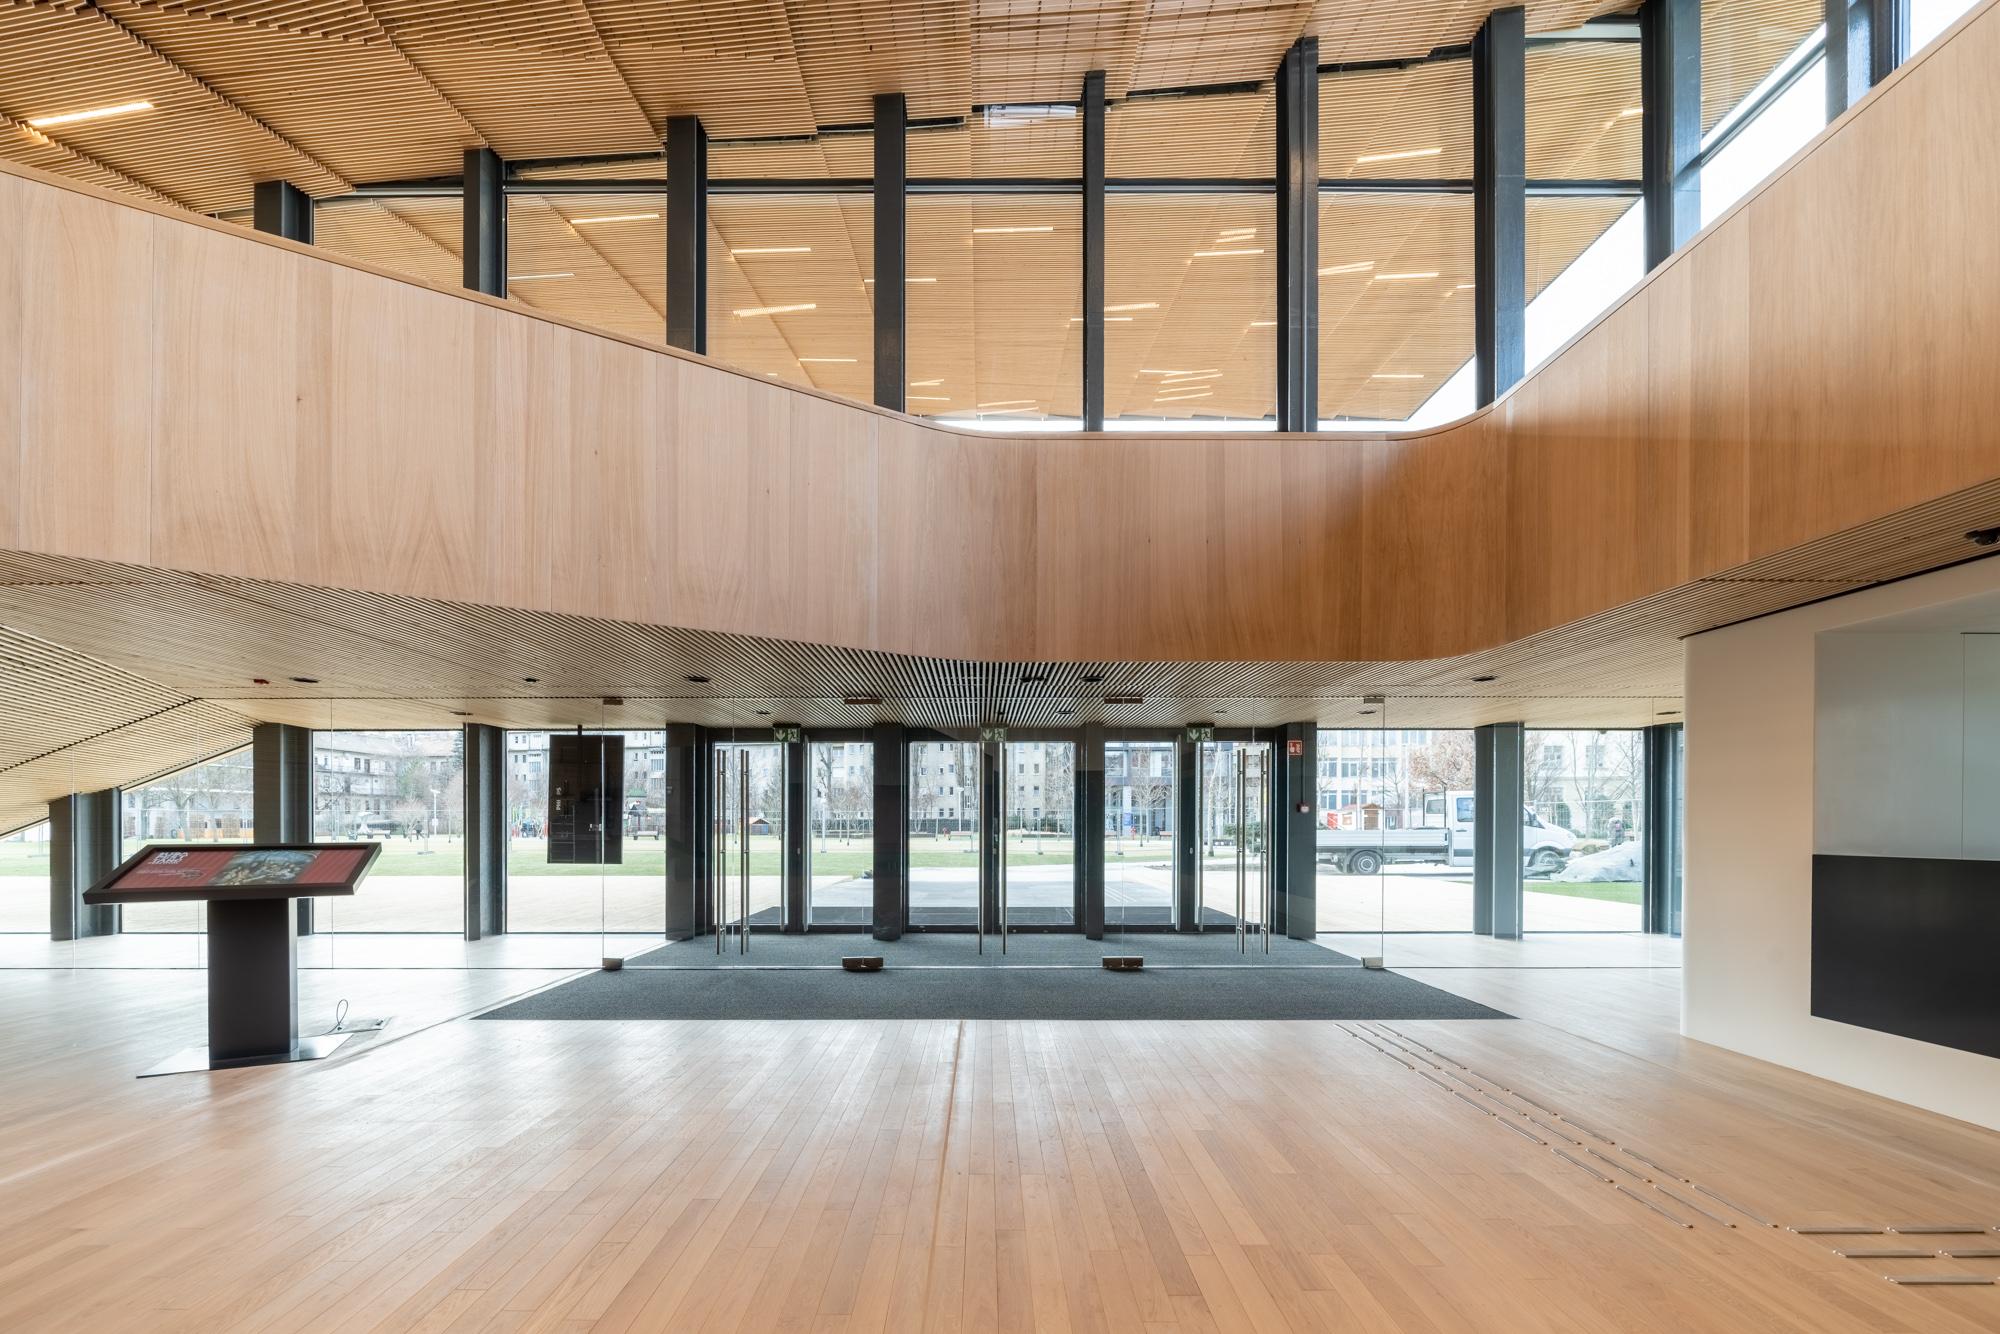 Épületfotózás - Hlinka Zsolt - Ingatlan, iroda, étterem, hotel külső-belső fényképezése.